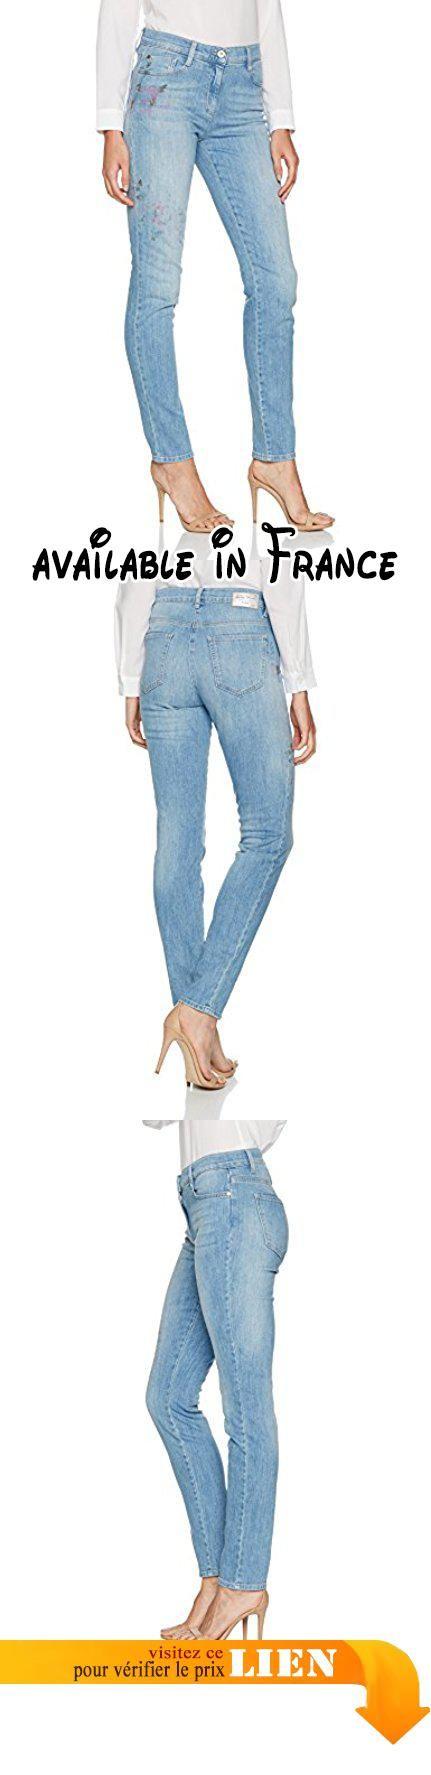 Brax BX_SHAKIRA Pain, Jean Coupe Ajustée Femme, Blau (Painted Blue 26), 29W x 32L (Taille du Fabricant: 38).  #Apparel #PANTS